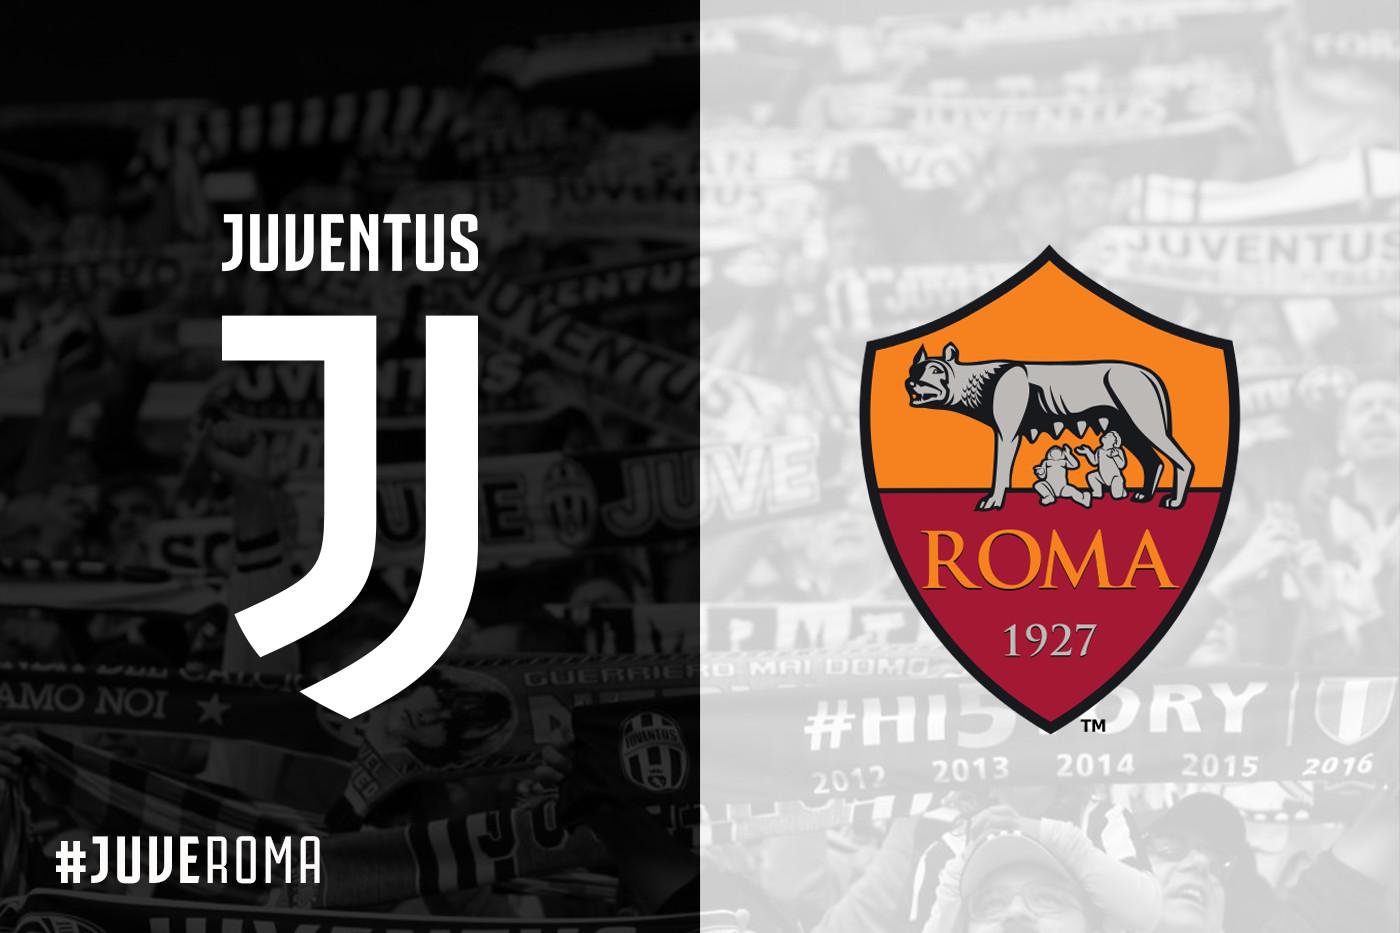 【足球直播】意甲第38輪:2020.08.02 02:45-祖雲達斯 VS 羅馬(Juventus VS A.S. Roma)